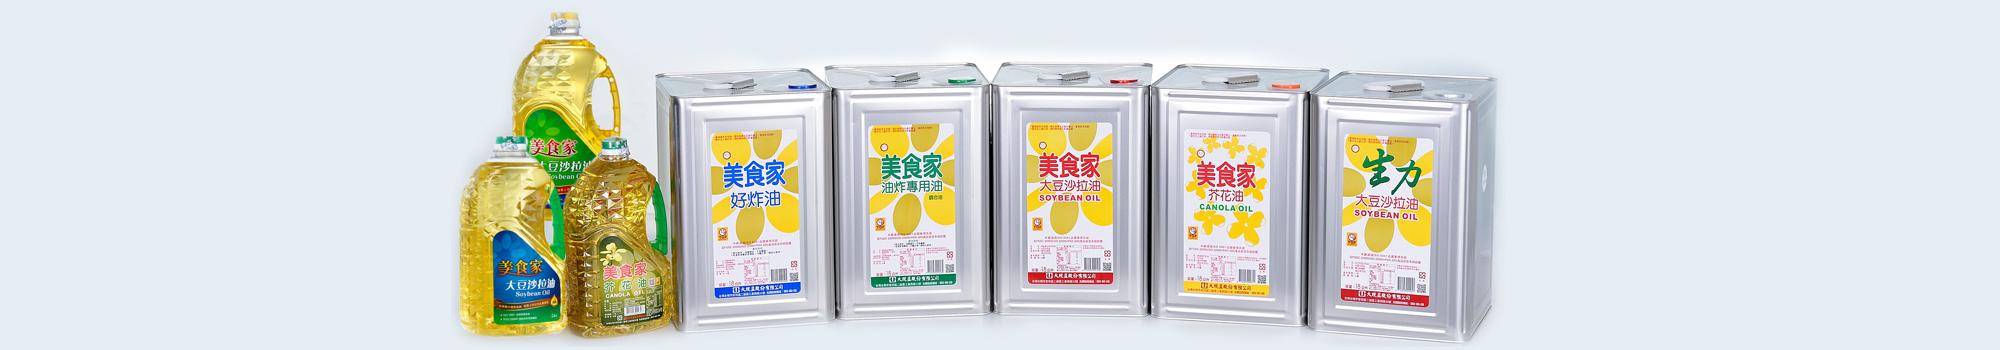 03-油品介紹